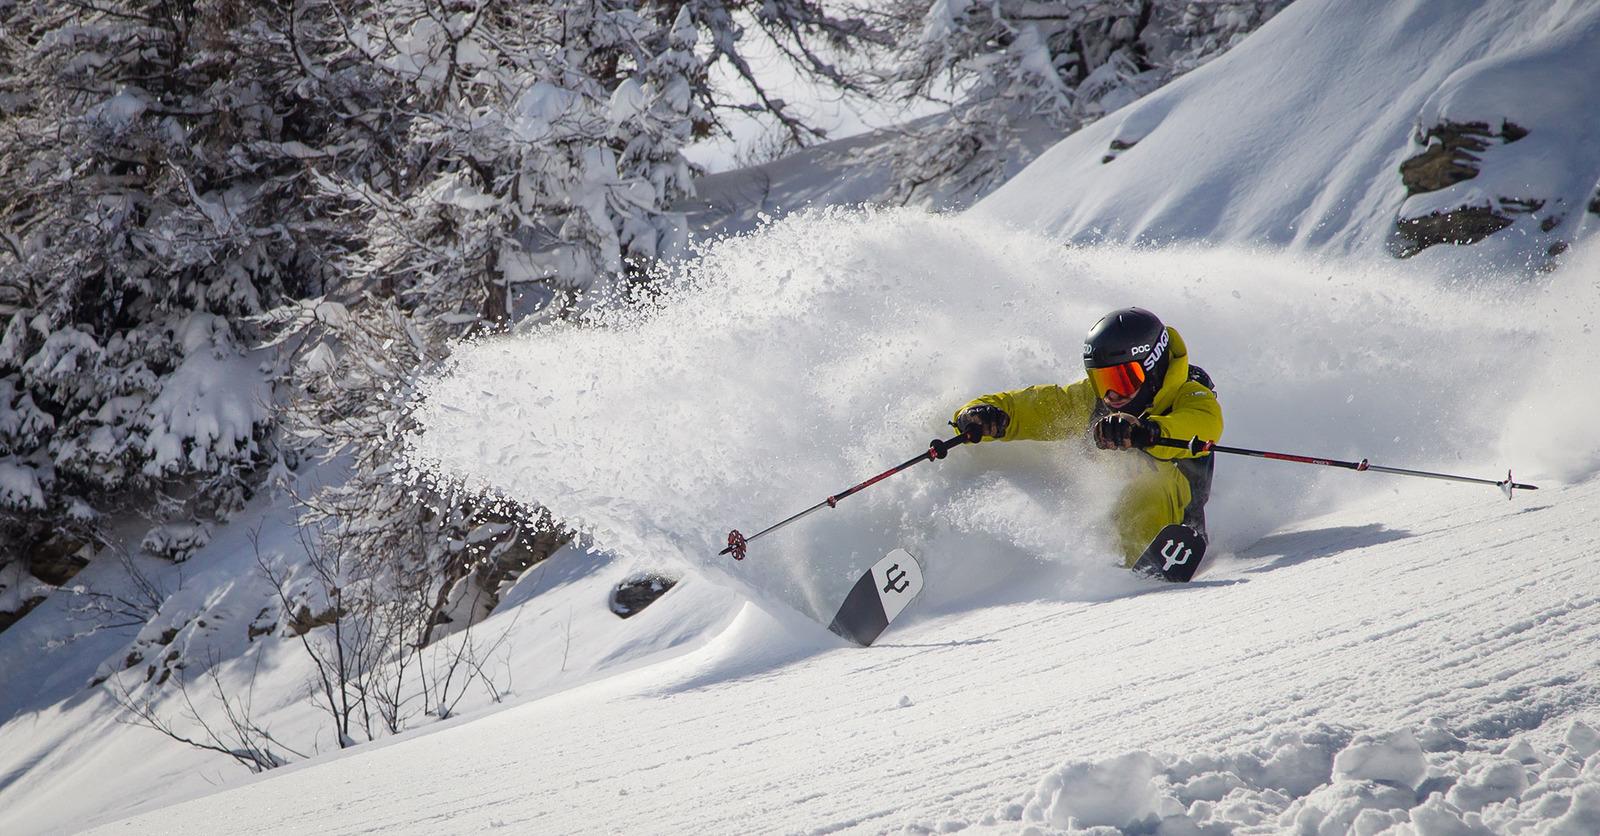 Skis White Cristal 2022